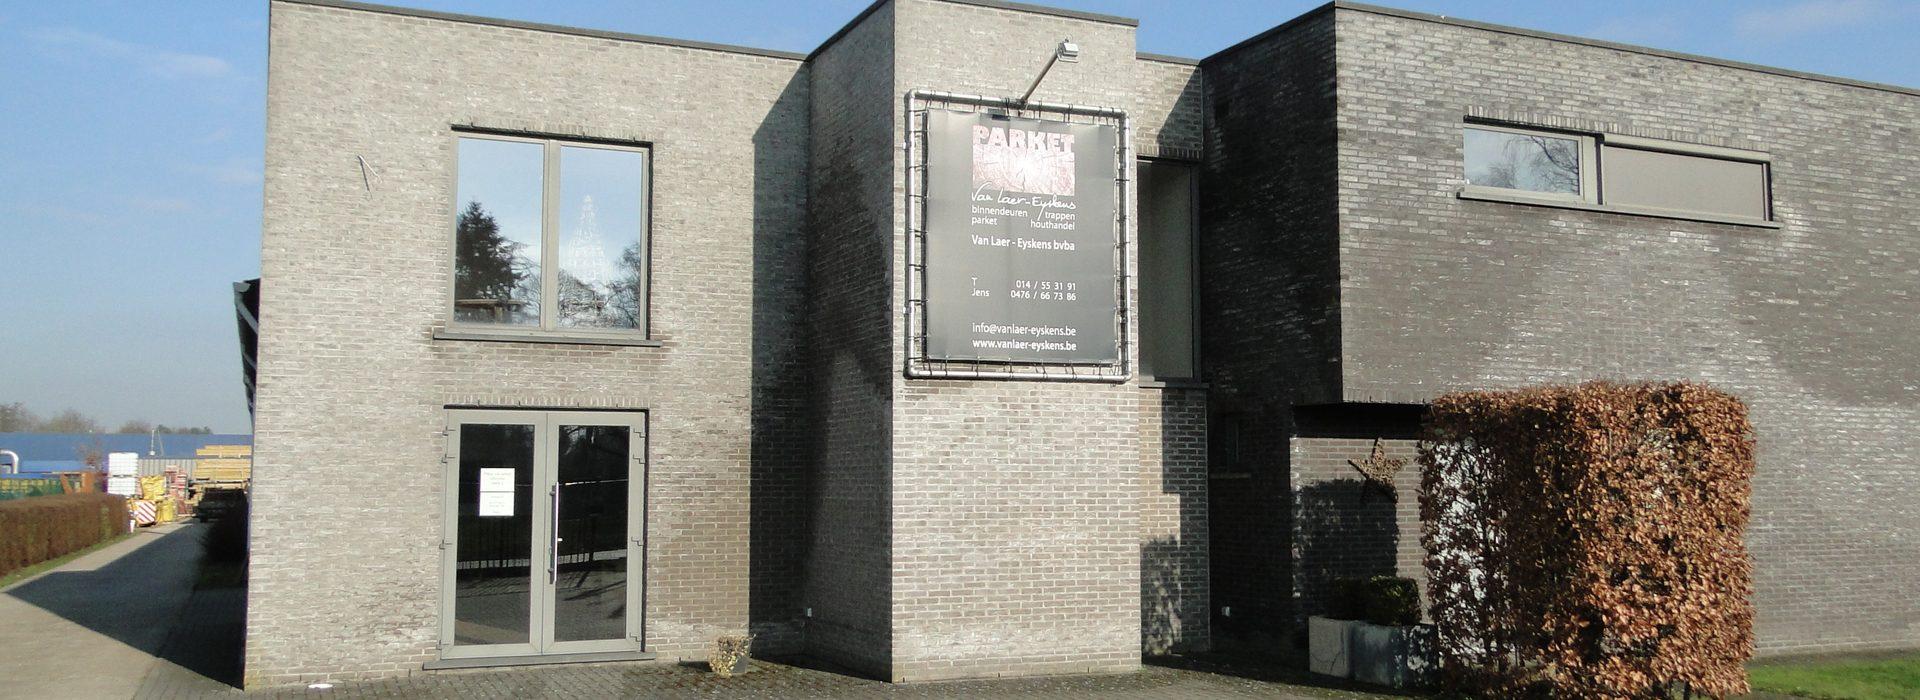 Werkhuis - Parket van Laer - Eyskens